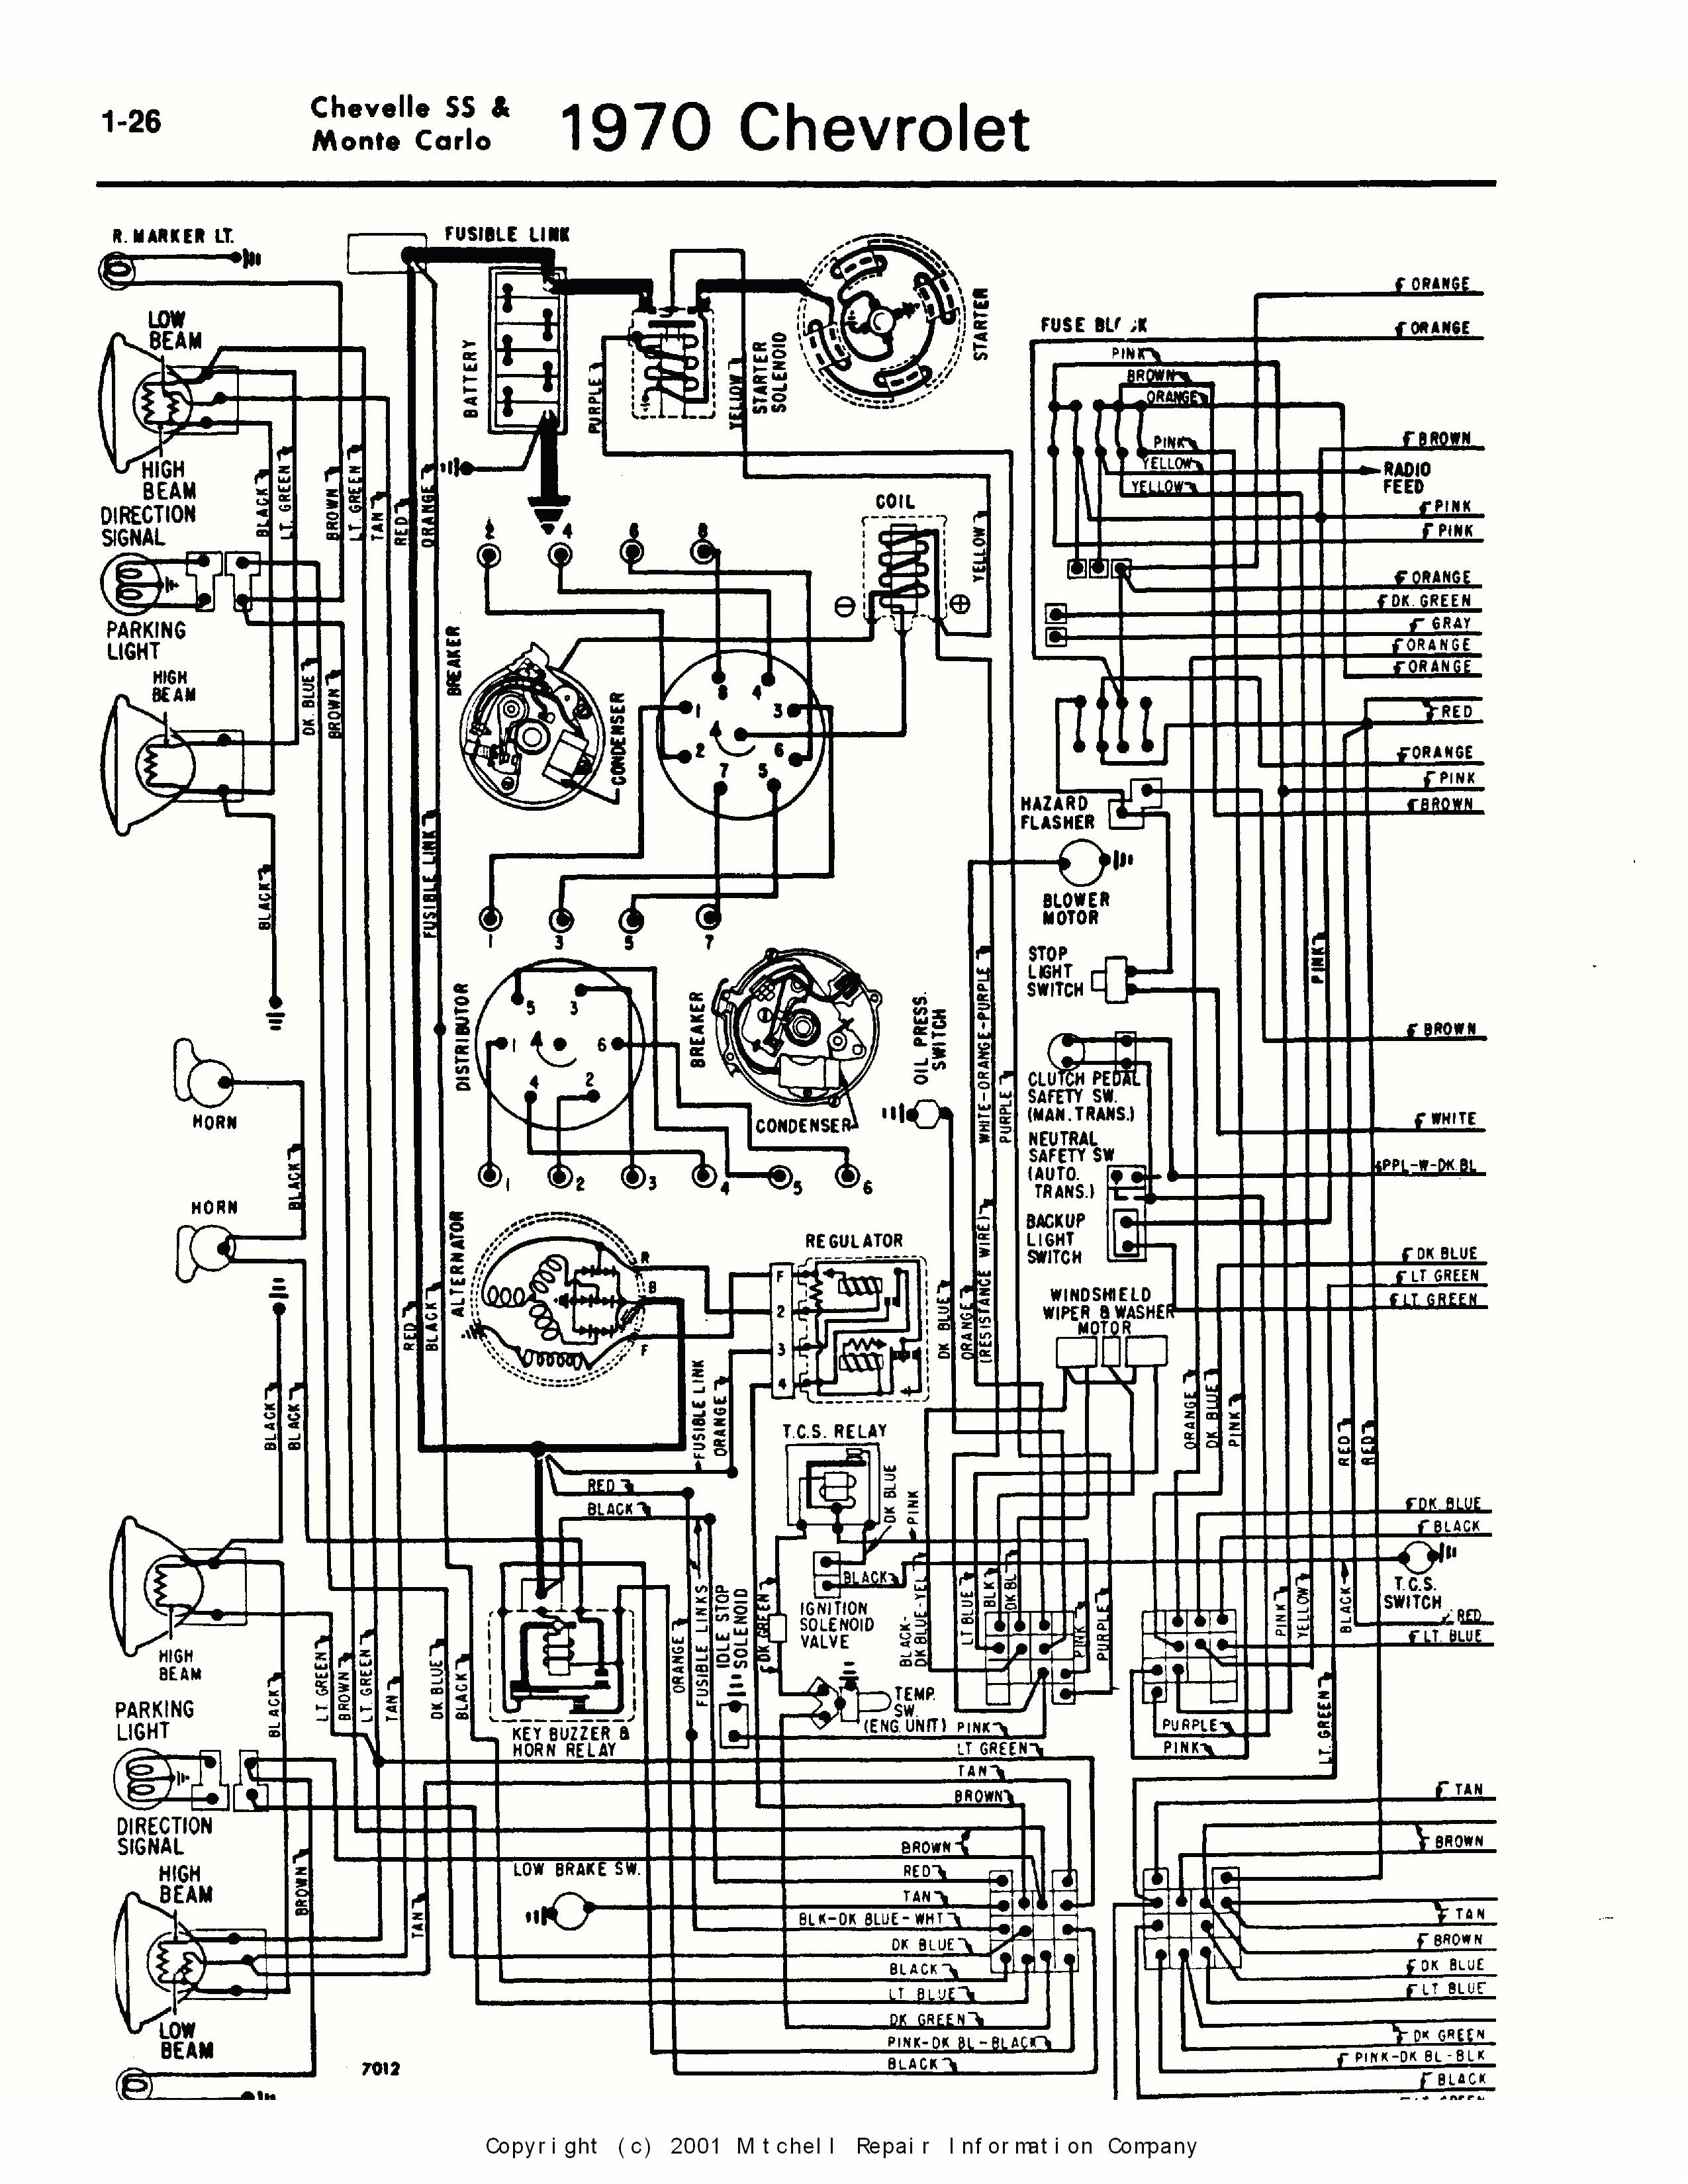 1969 corvette starter wiring diagram schematics wiring diagrams u2022 1970 chevelle horn wiring diagram 1965